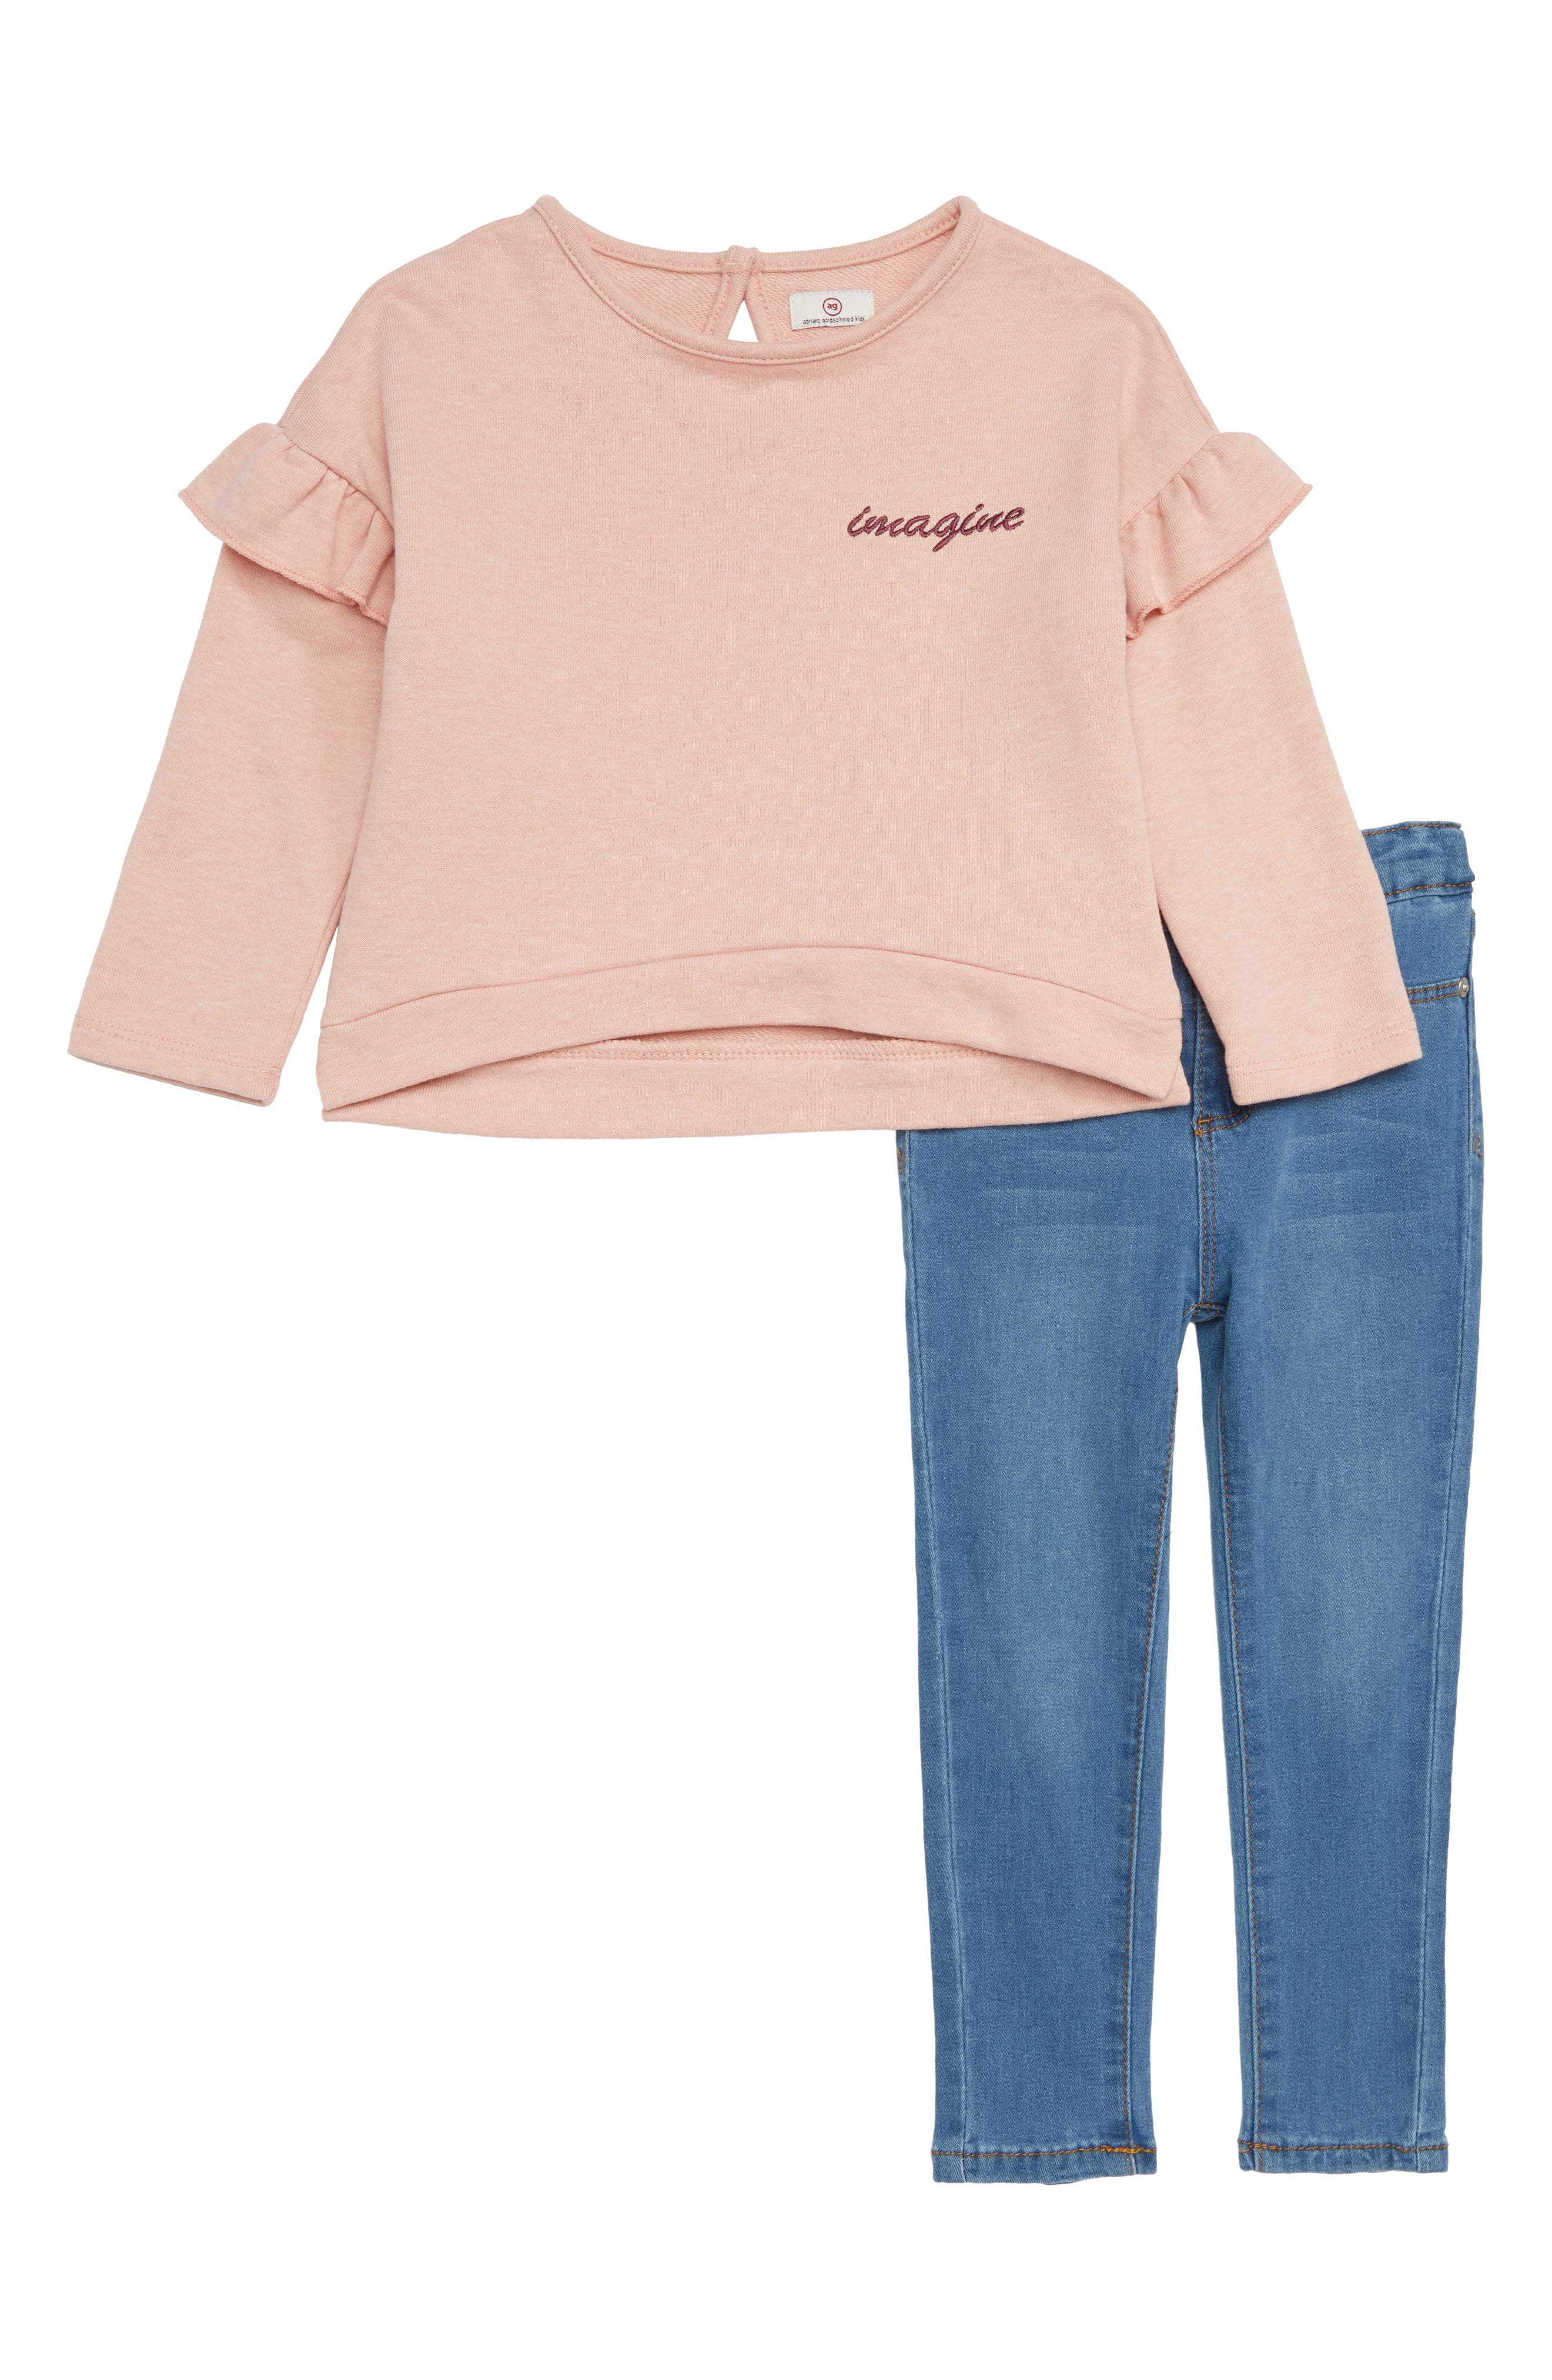 Sweatshirt & Jeans Set,                             Main thumbnail 1, color,                             BLUE WASH